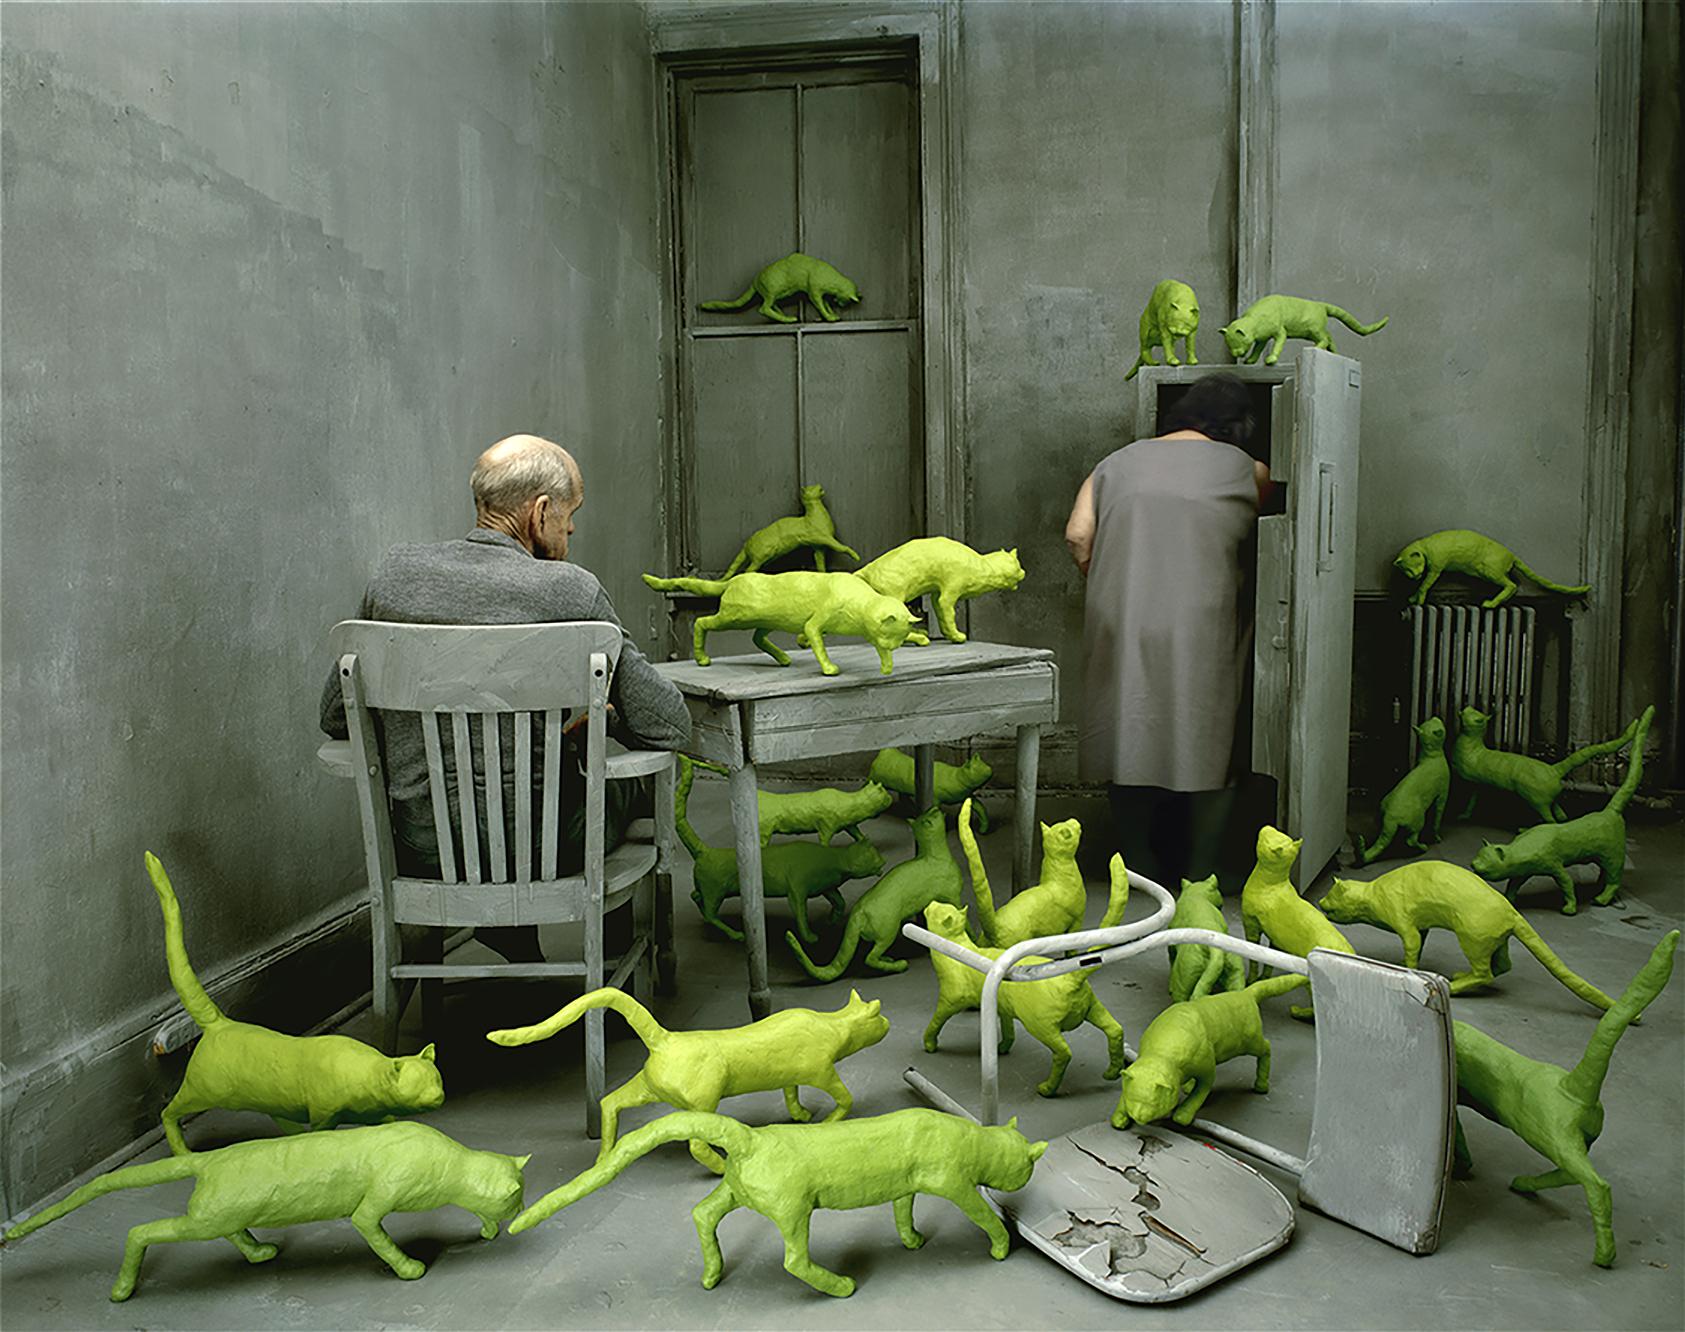 Sandy Skoglund, Radioactive Cats, 1980